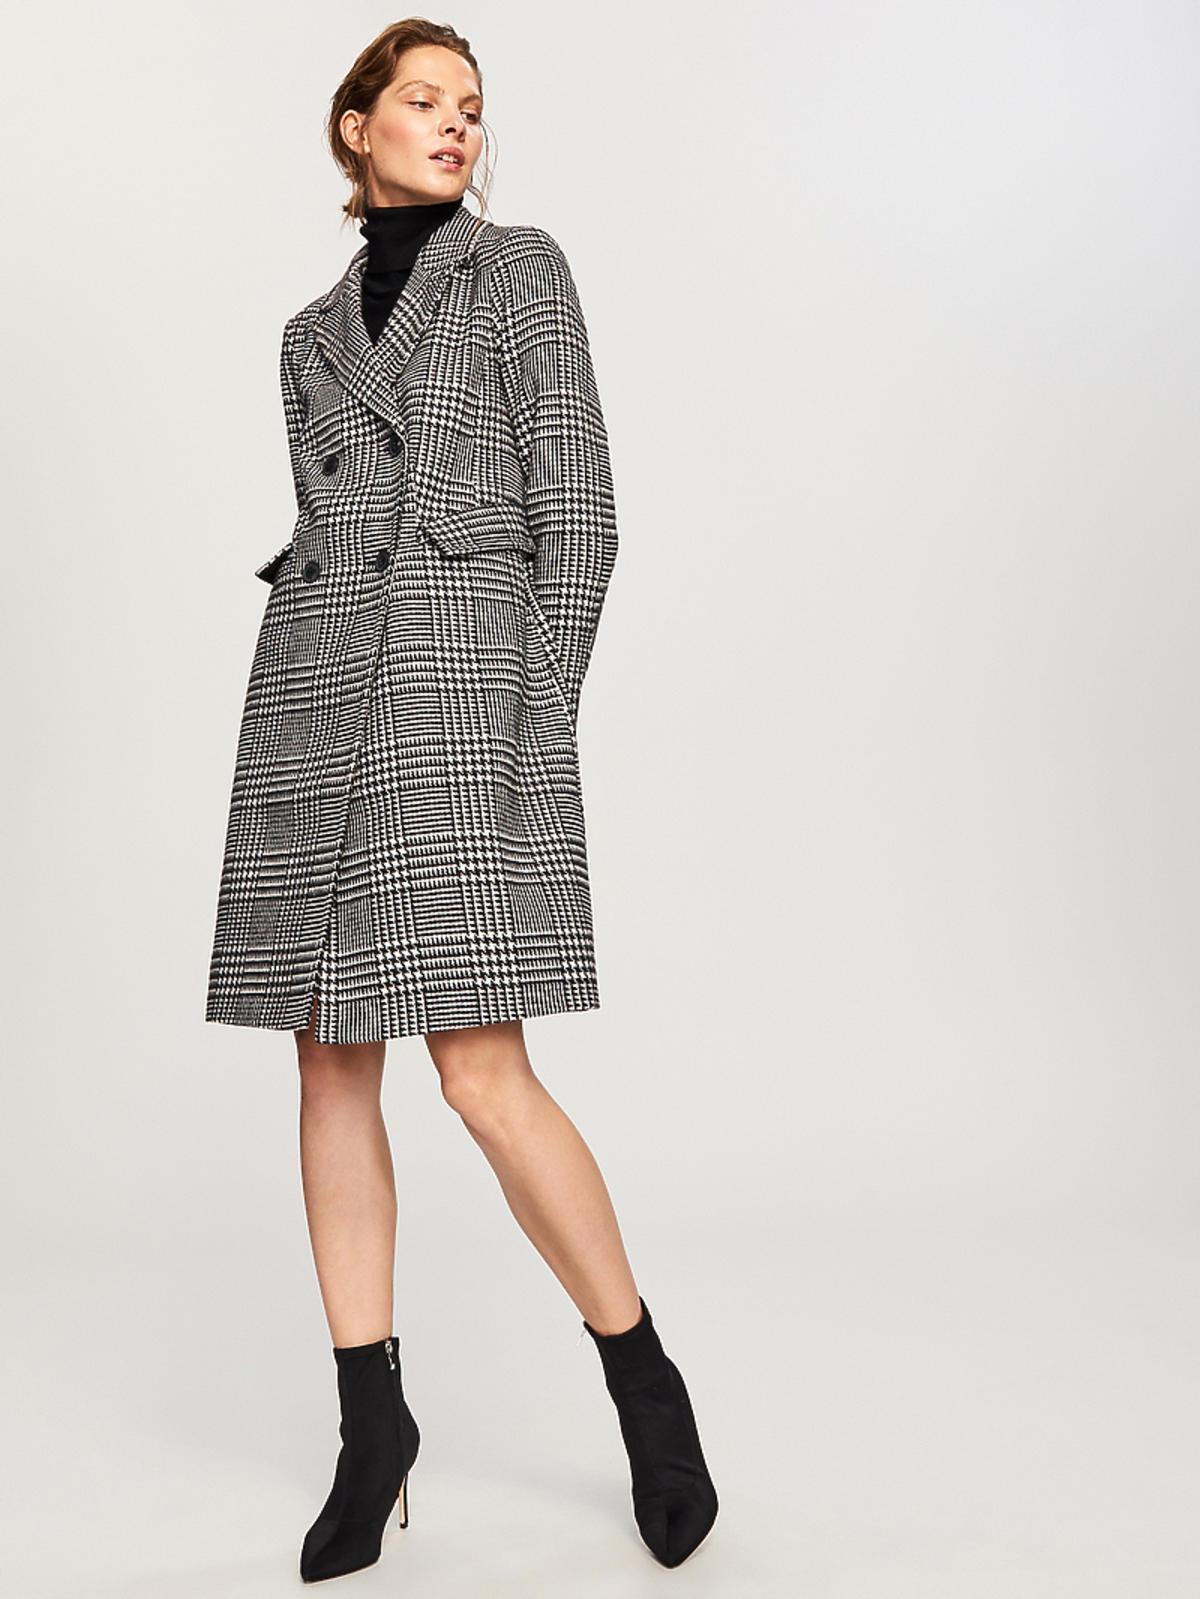 Płaszcz w kratkę Reserved cena 299 zł